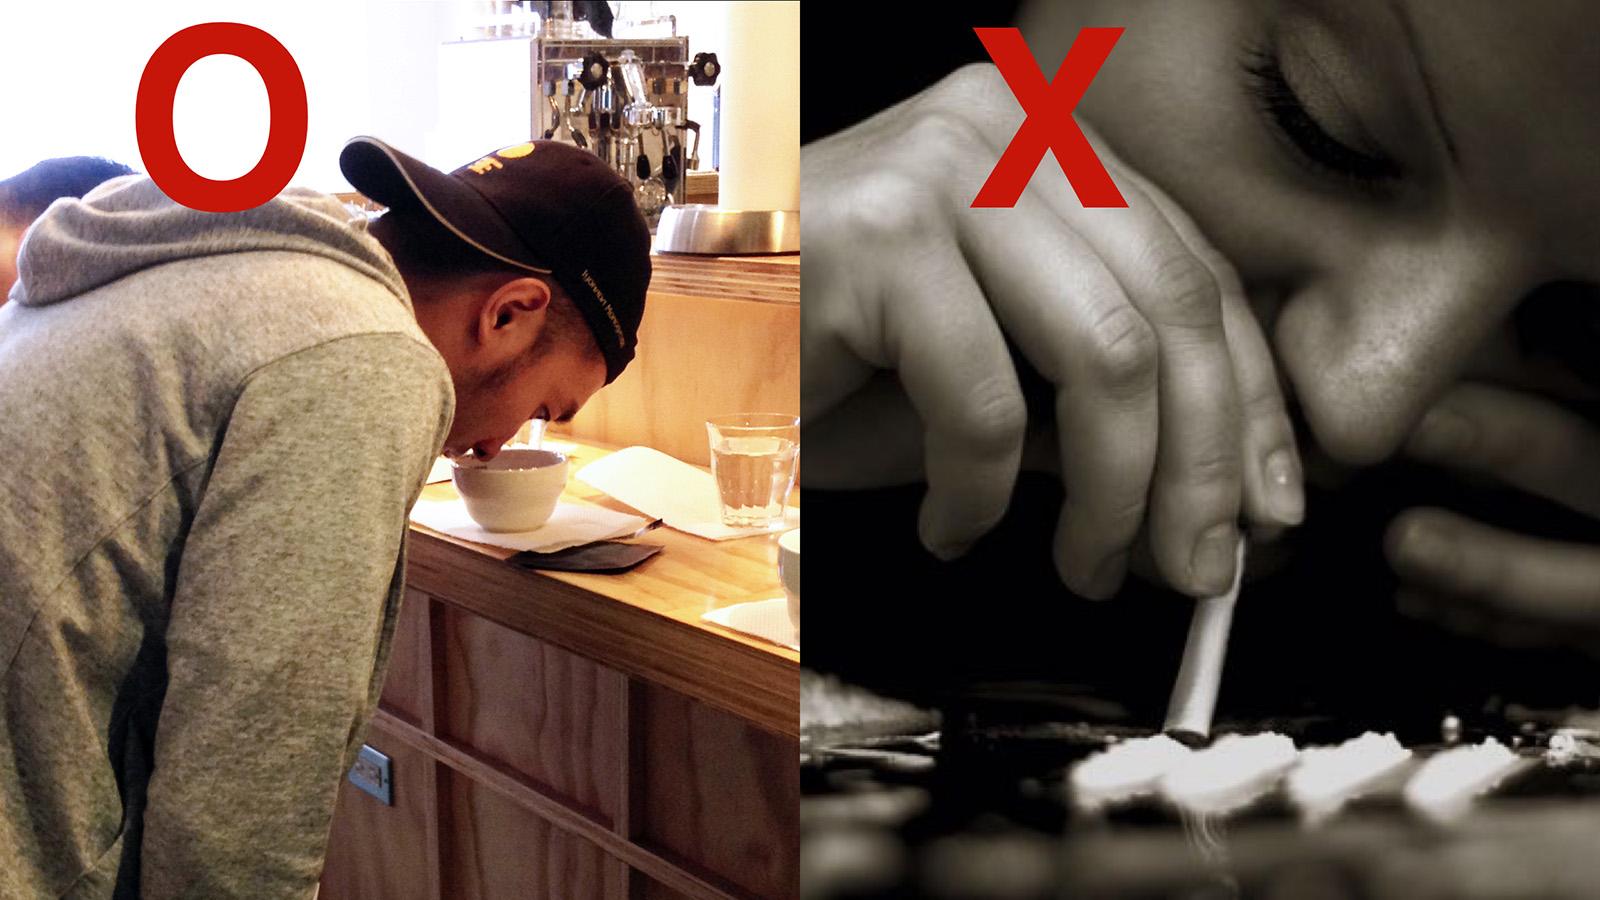 杯測-精品咖啡乾香-咖啡市集-杯測師-咖啡風味-Coffee